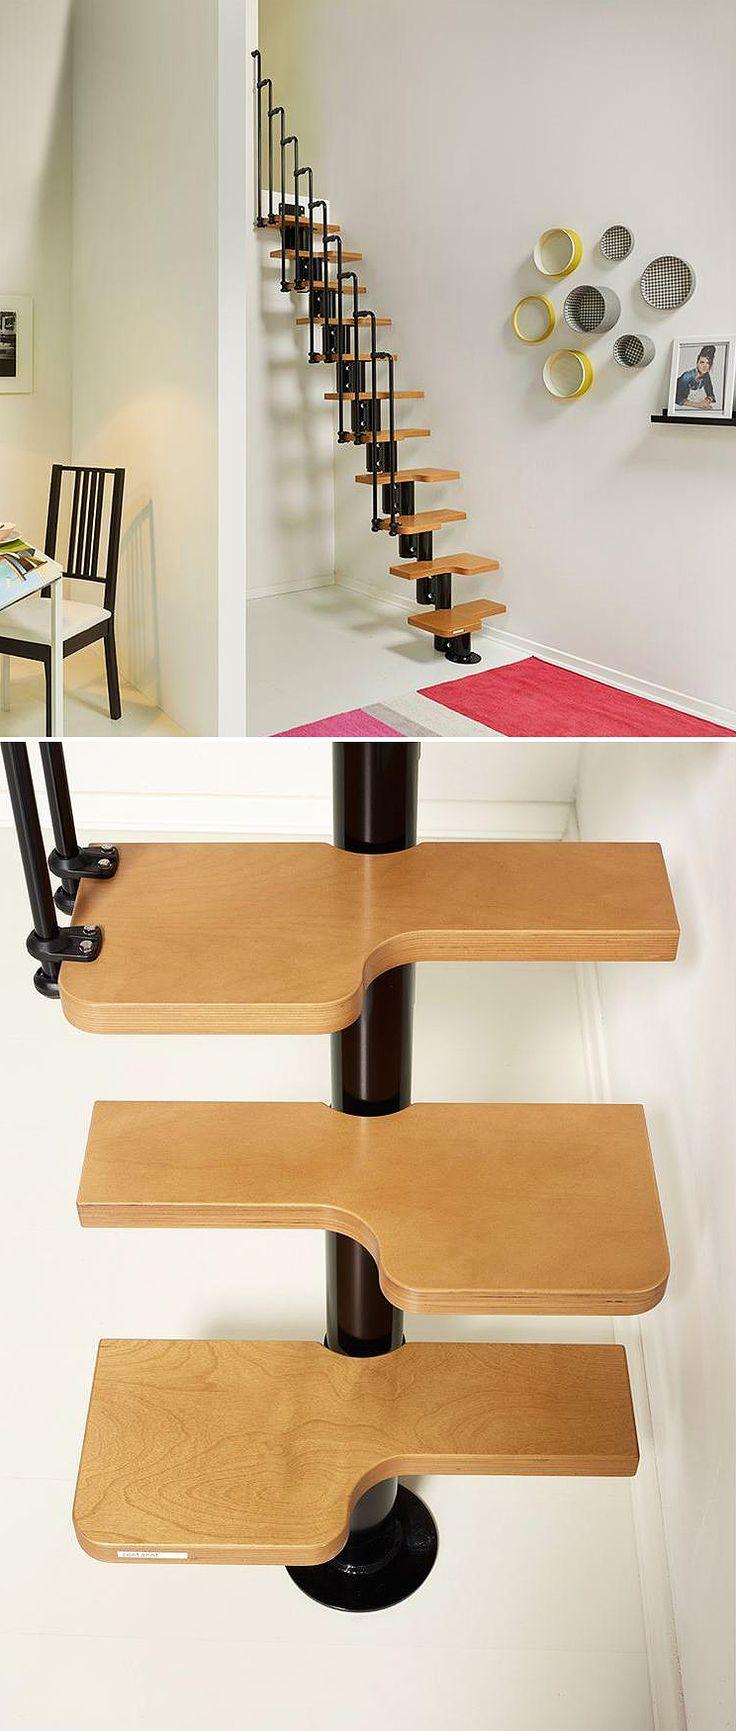 Innenarchitektur der home-lobby  best interior images on pinterest  home ideas sleeping loft